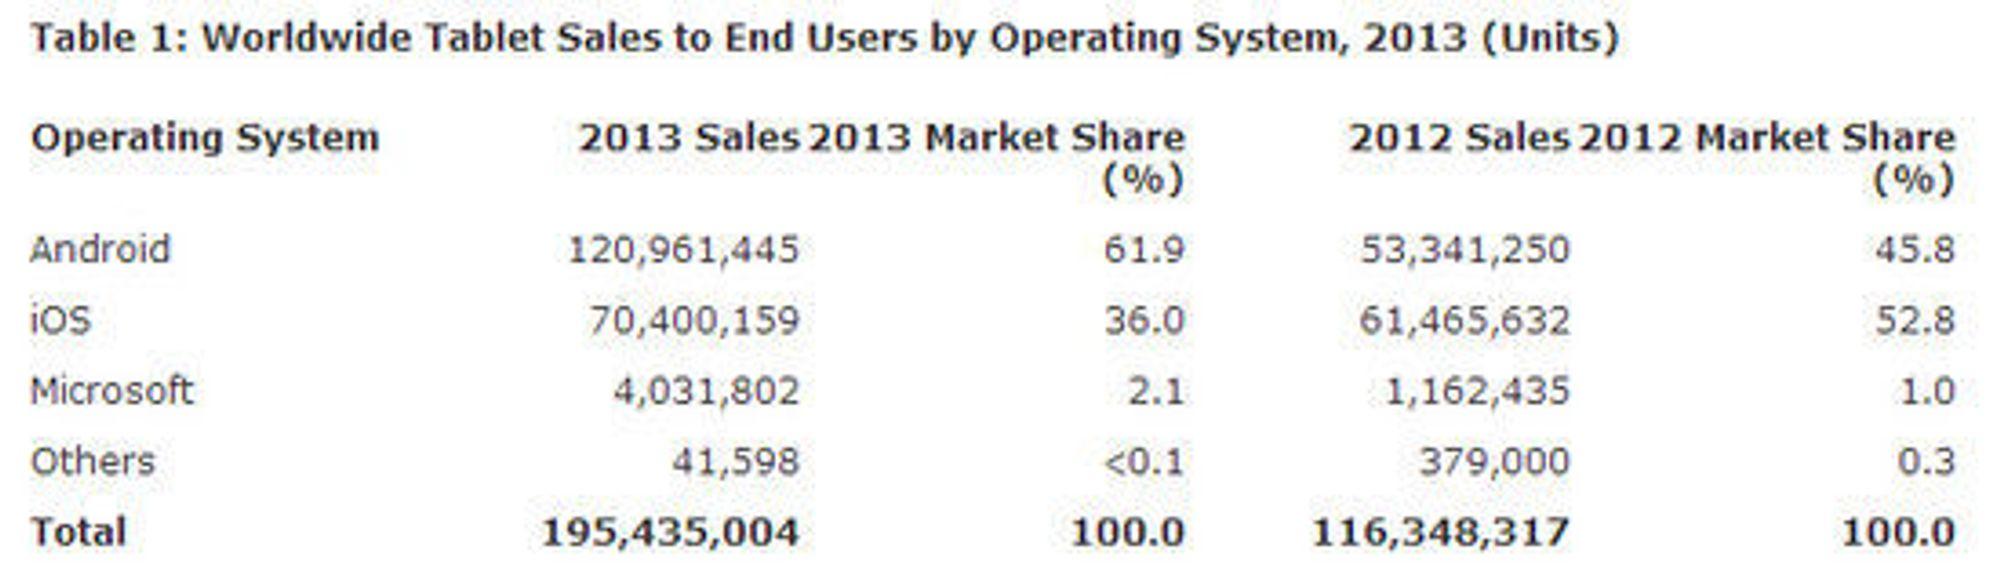 De mest populære nettbrettplattformene i 2013 ifølge Gartner.